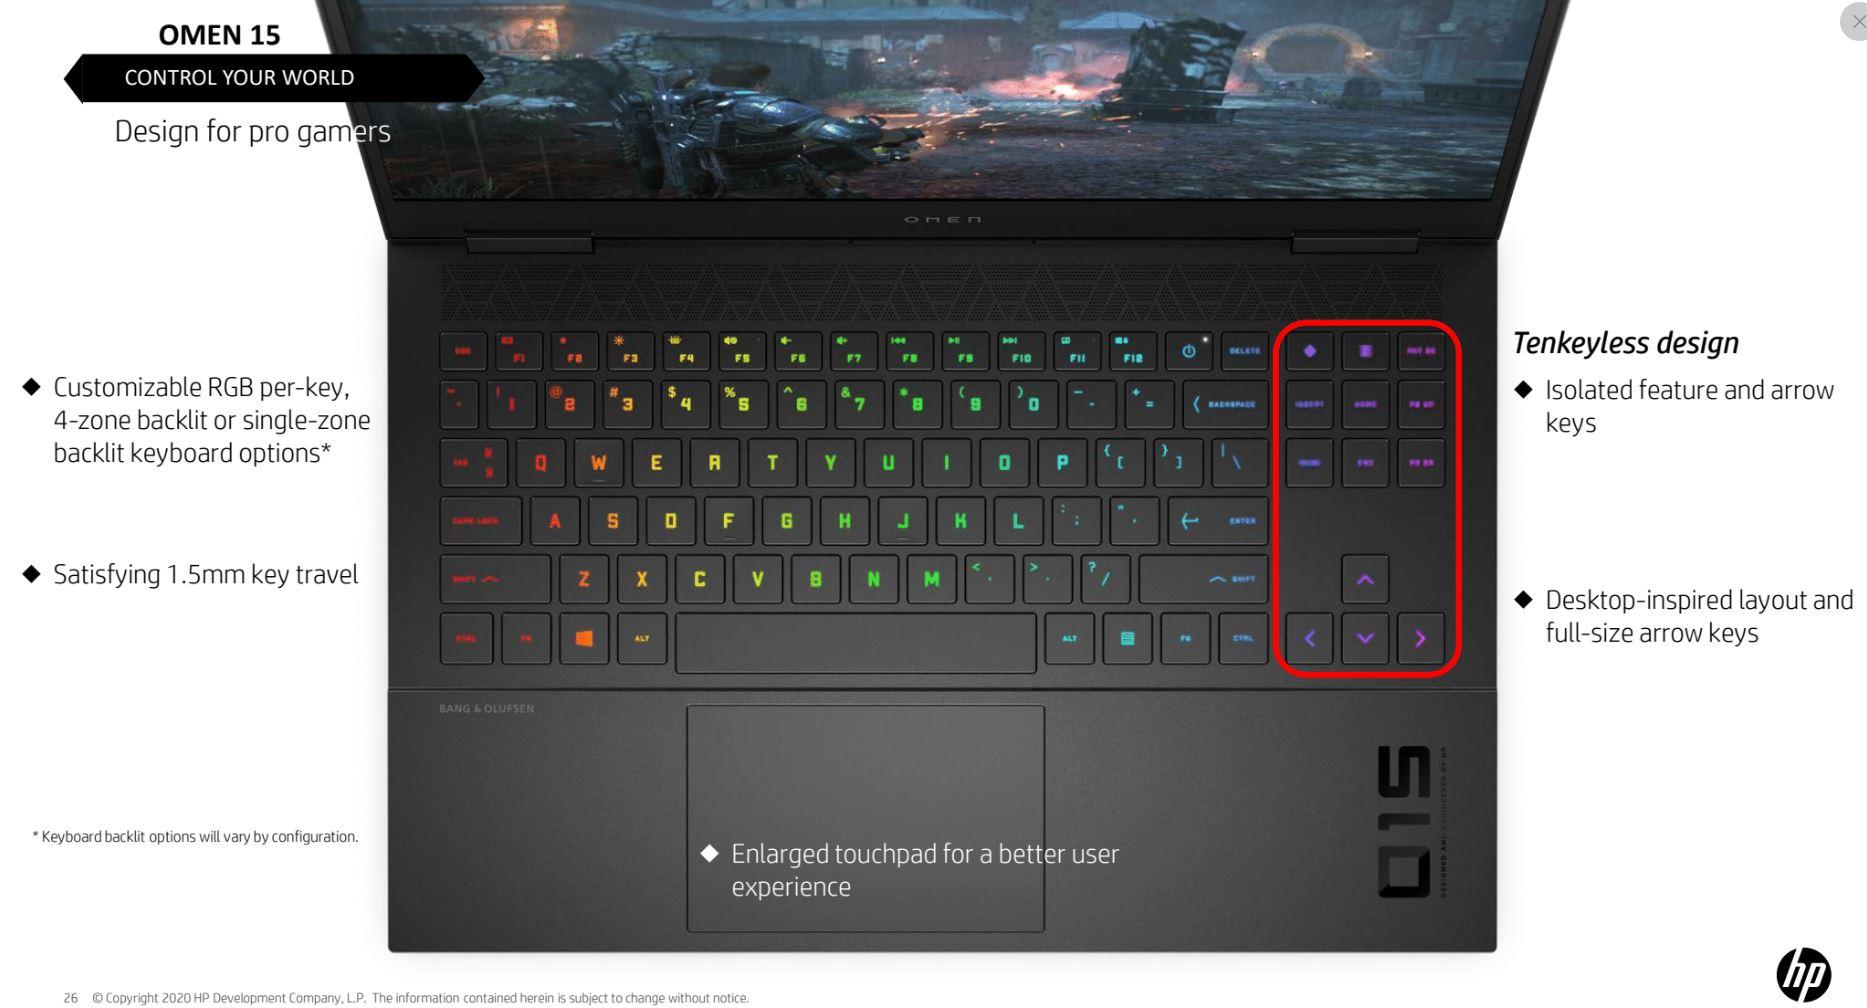 HP Omen 15 tastiera